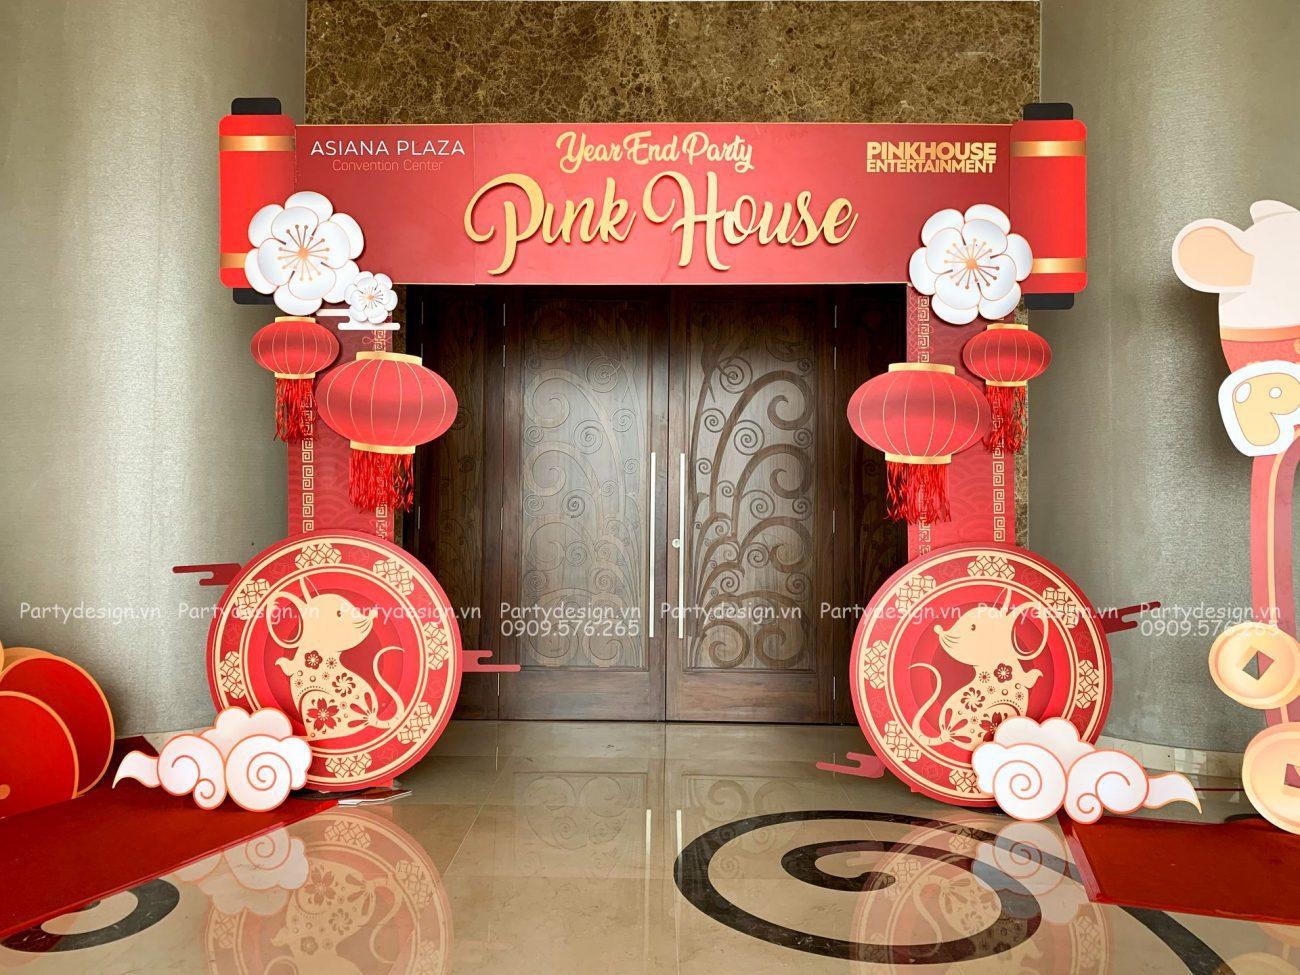 Cổng trang trí Tất Niên / Year End Party Pinkhouse 2020